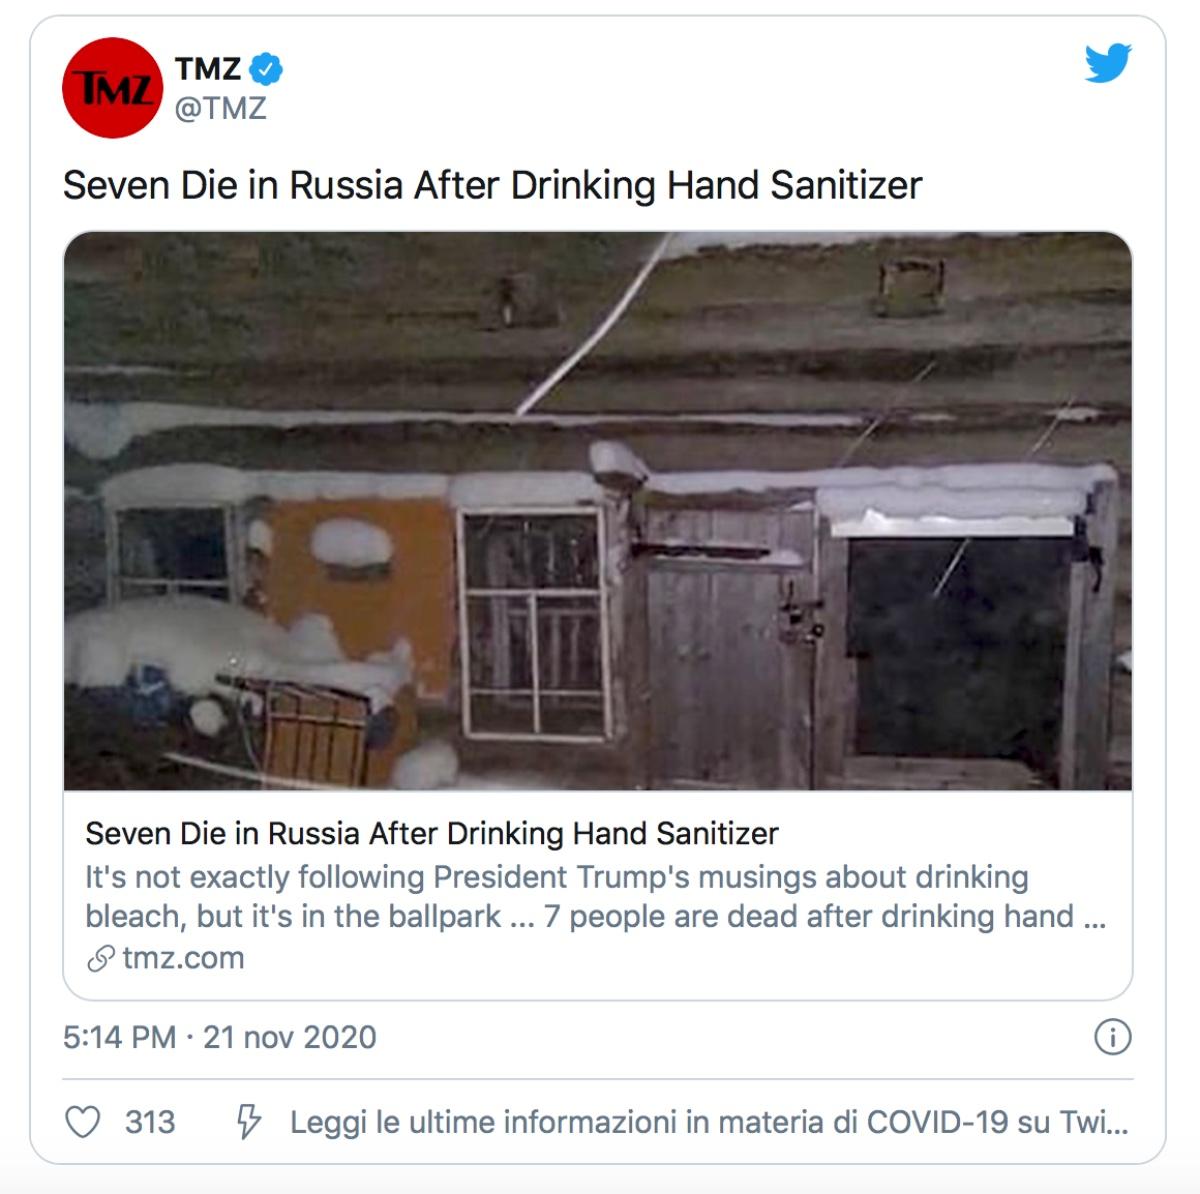 Decidono di bere igienizzante